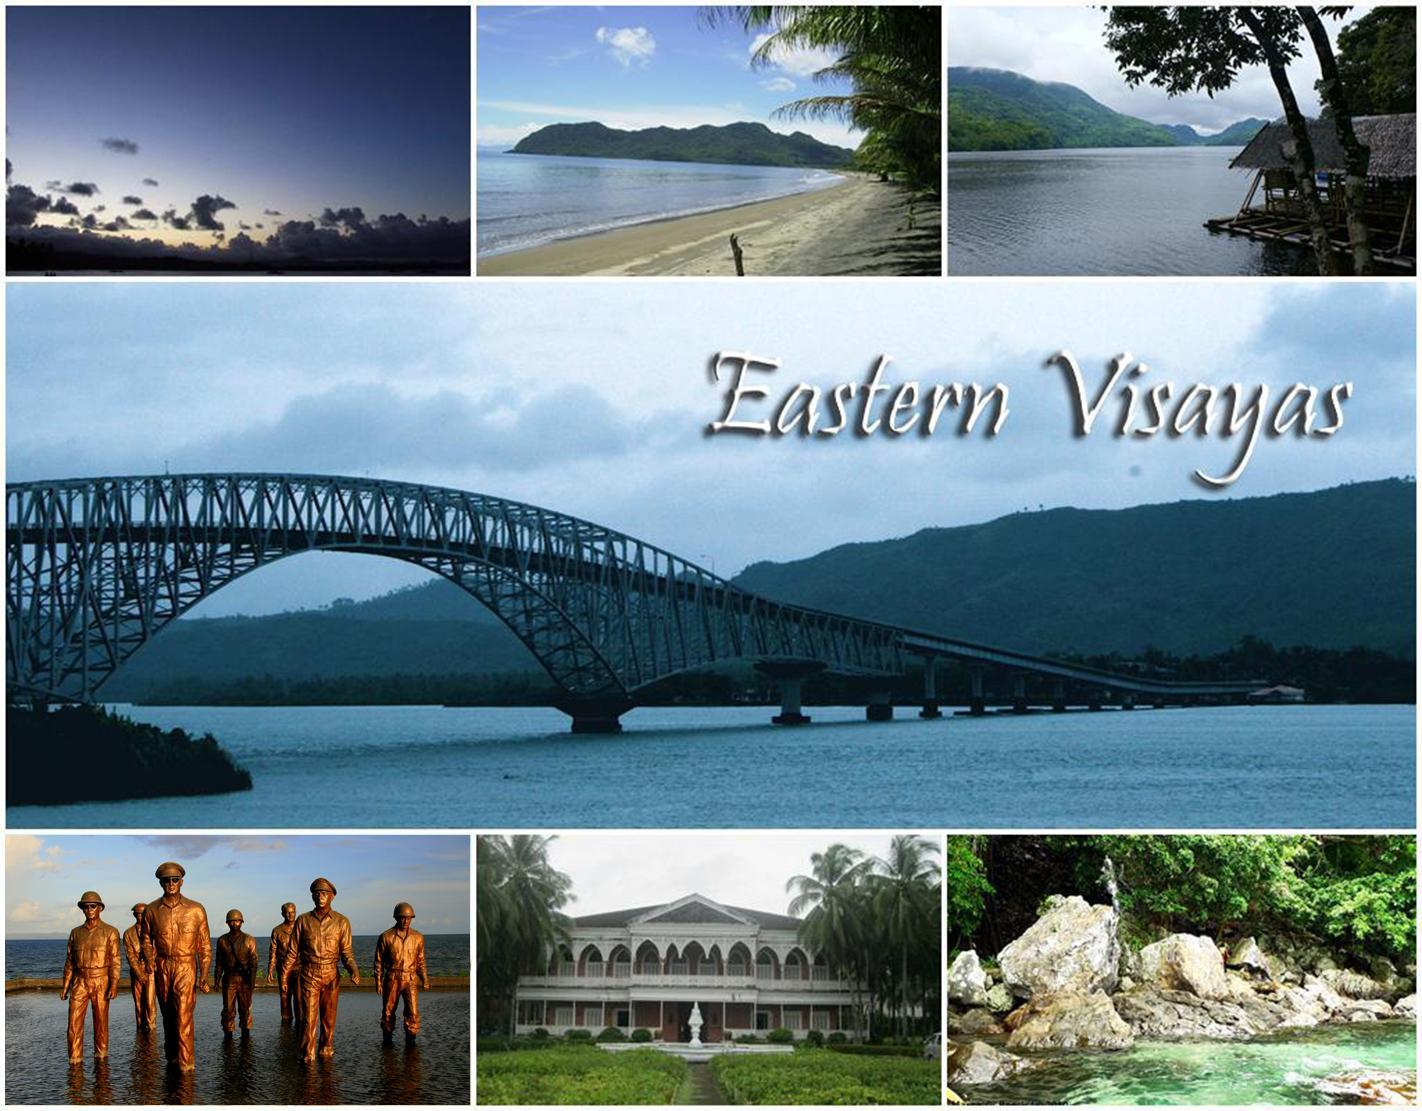 Eastern Visayas (Region VIII Profile)